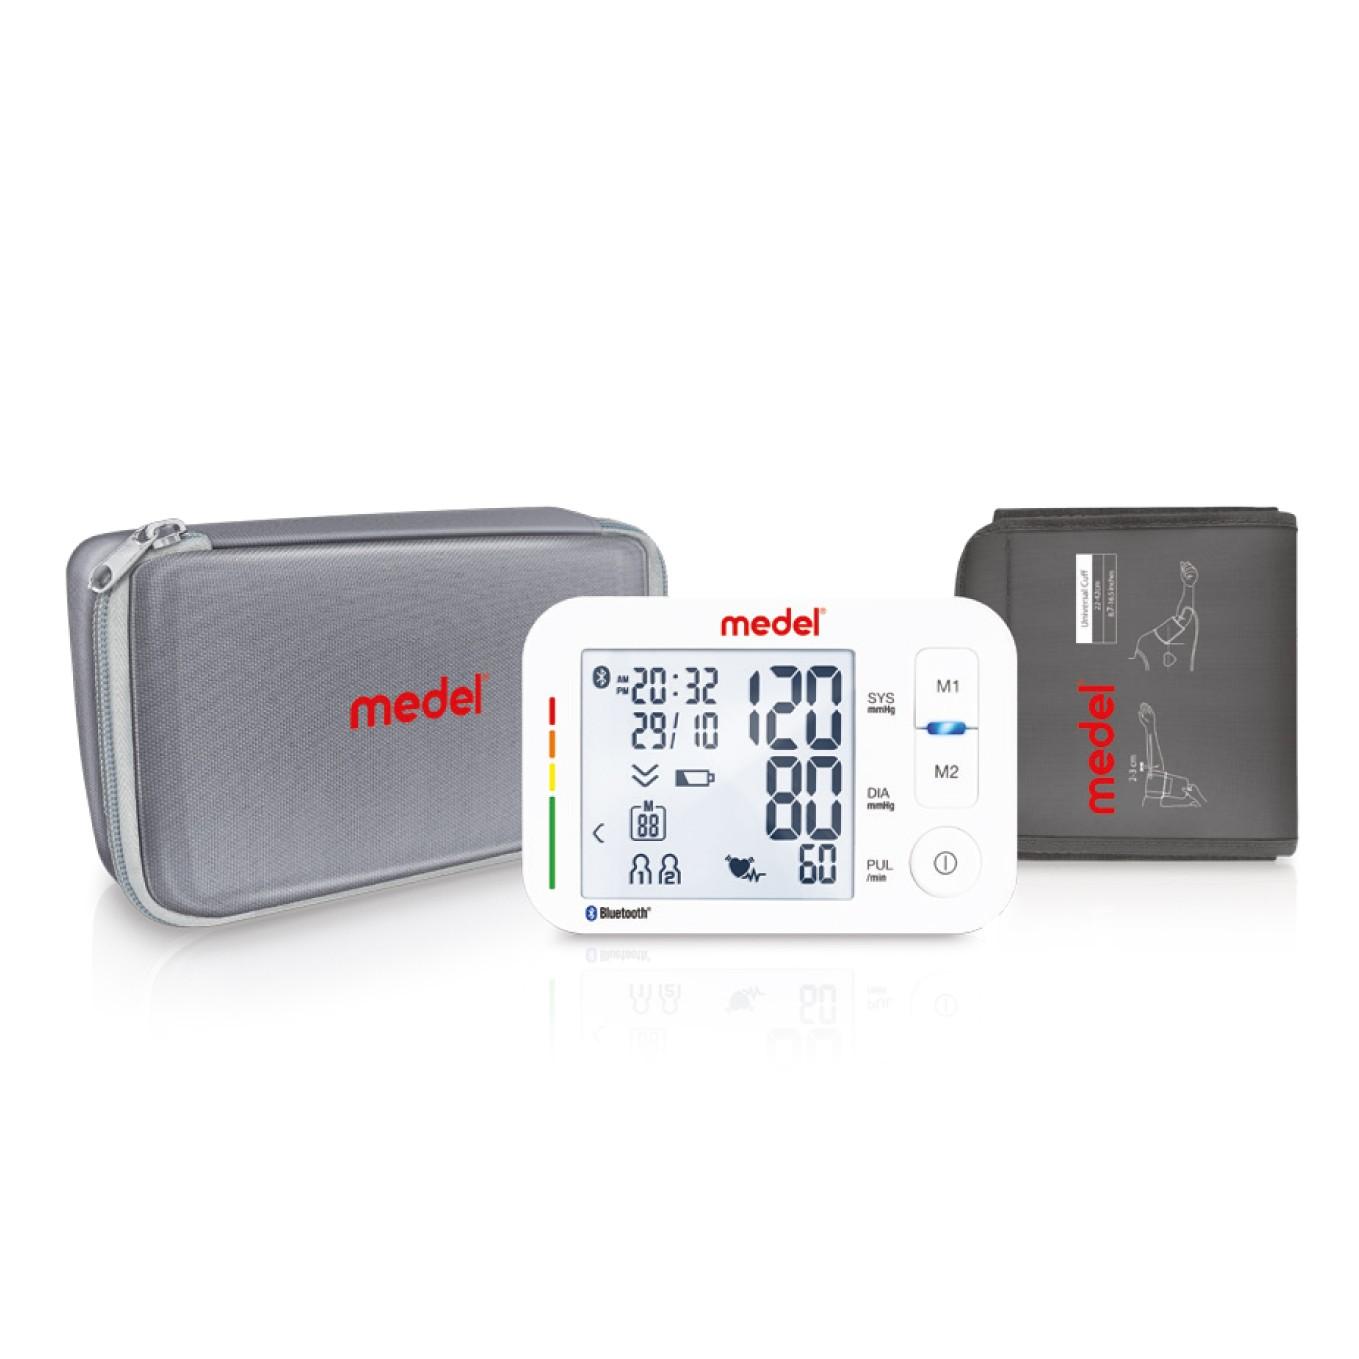 Medel iCARE misuratore di pressione da braccio automatico Bluetooth art. 973327012